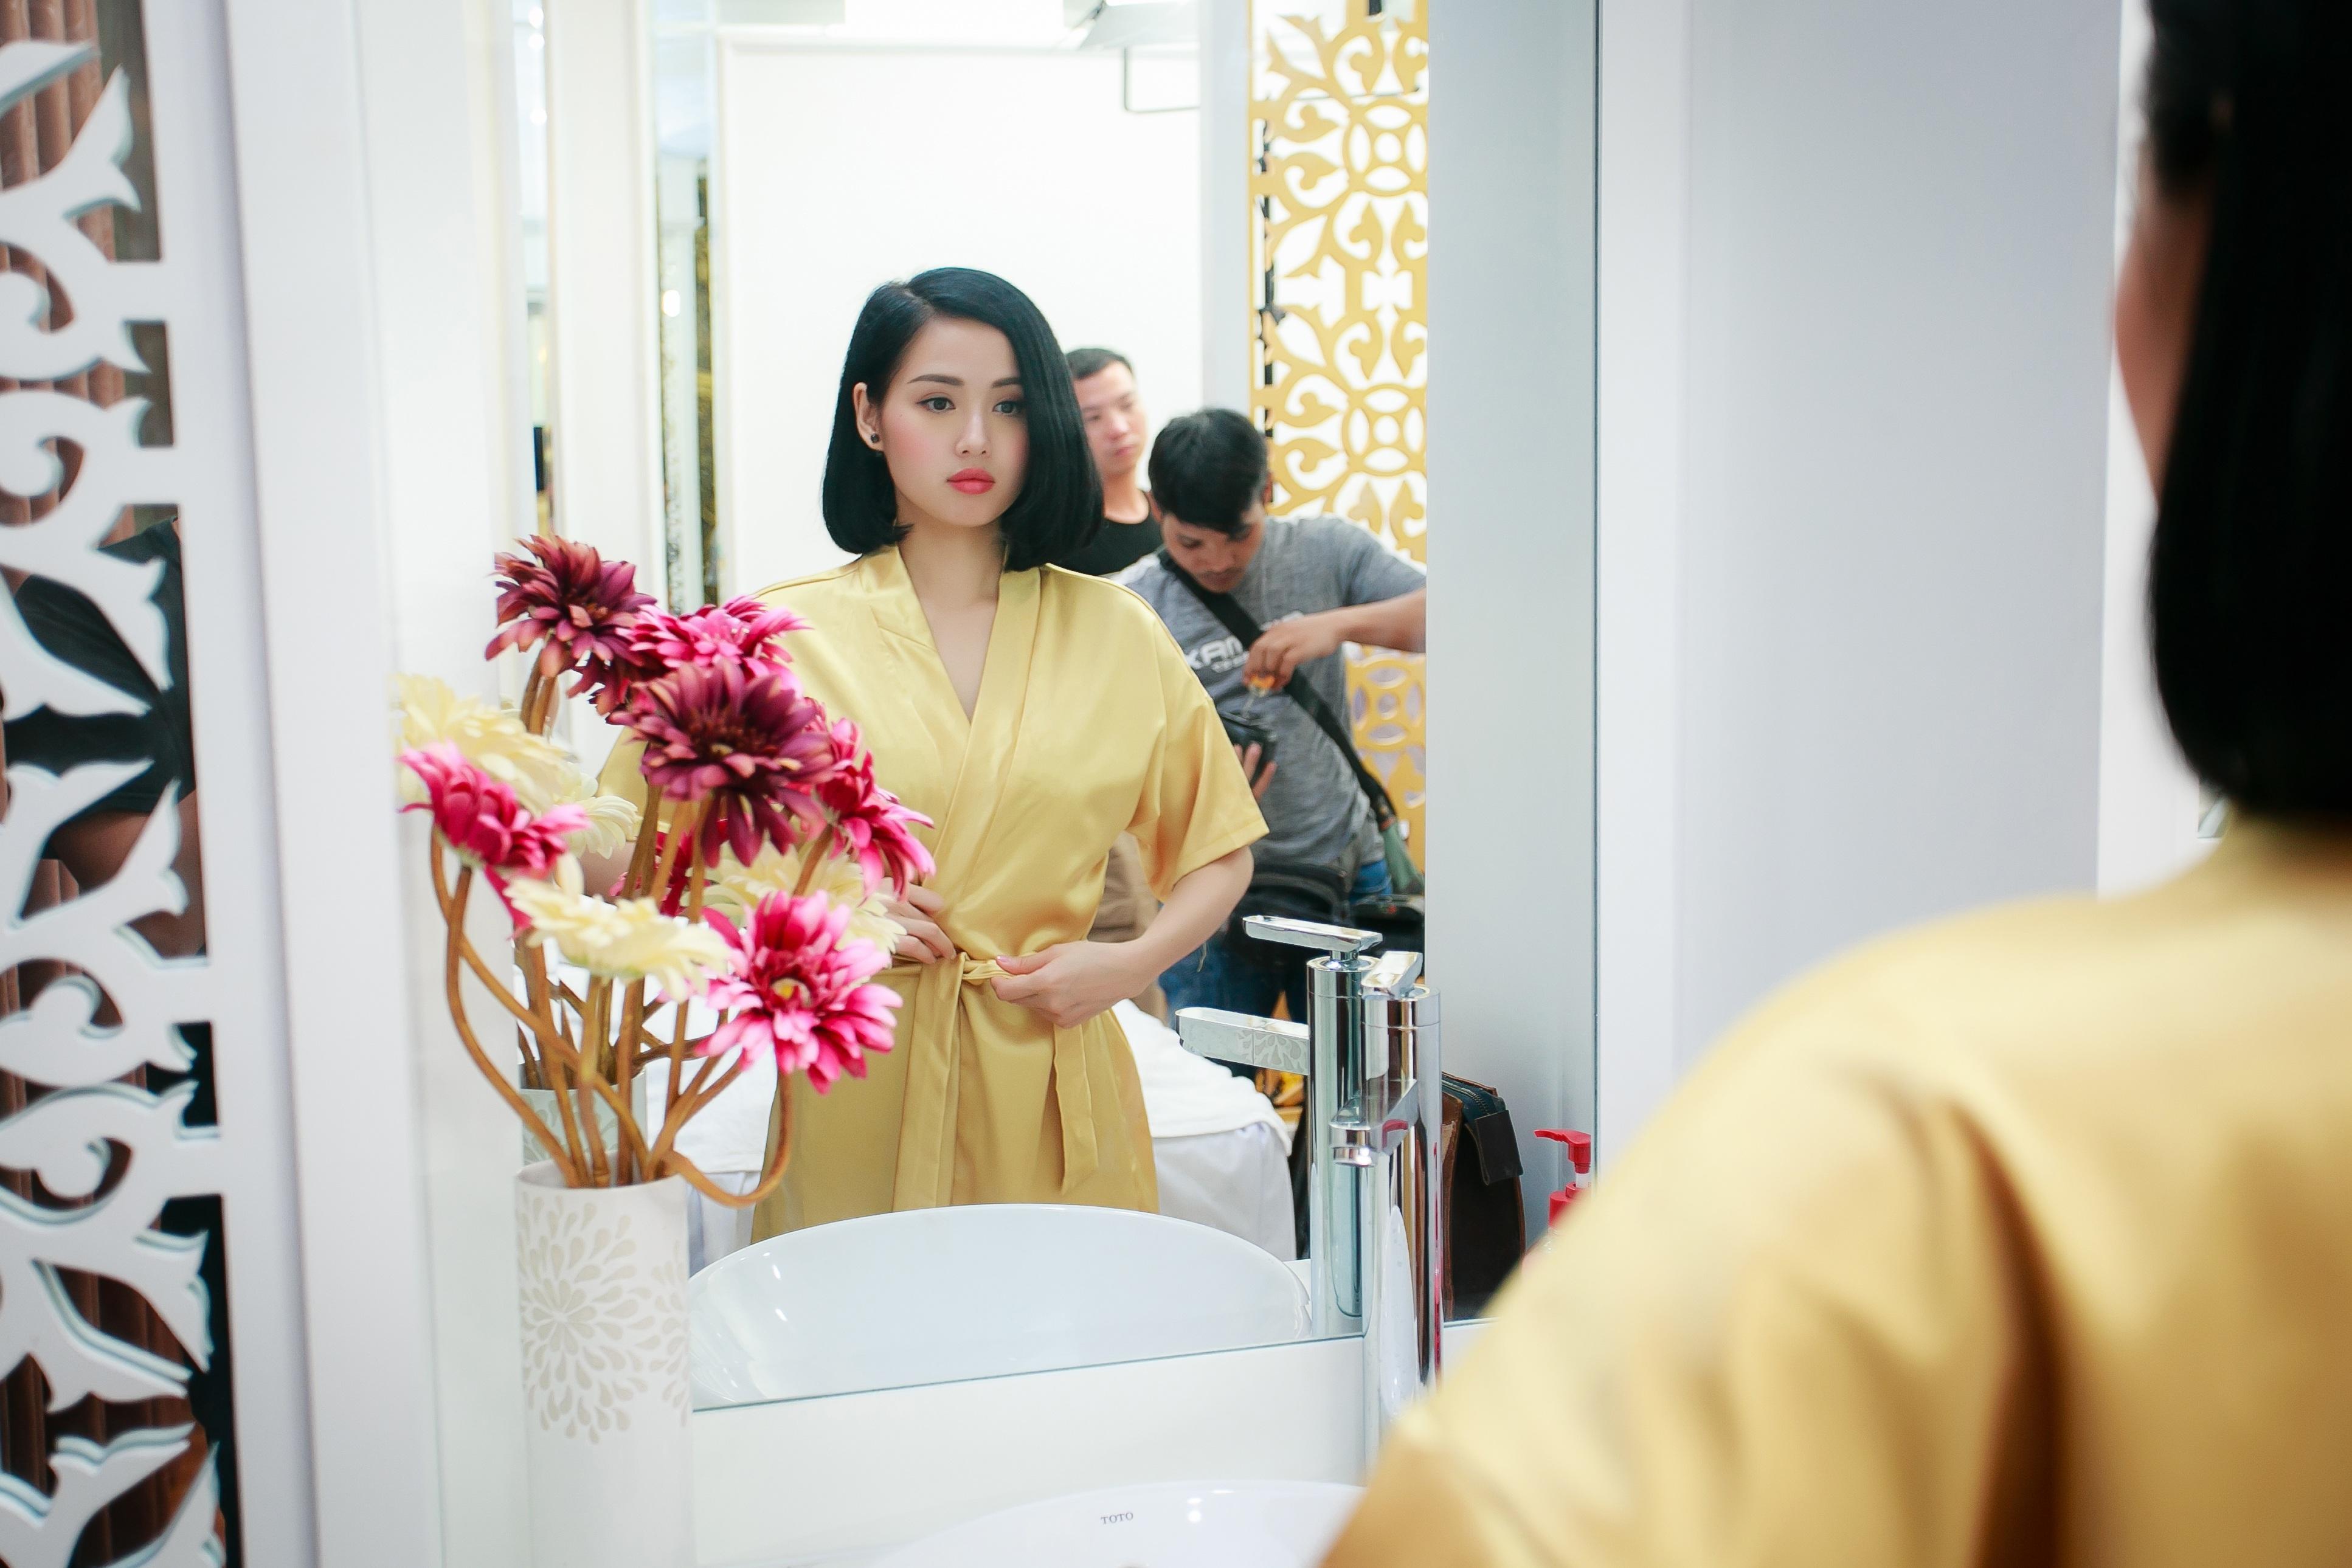 Tâm Tít kết hôn cùng thiếu gia Ngọc Thành vào đầu tháng 1 vừa qua. Chồng cô được nhận xét là có ngoại hình điển trai, thông minh, gia đình khá giả, rất xứng đôi vừa lứa với người đẹp.